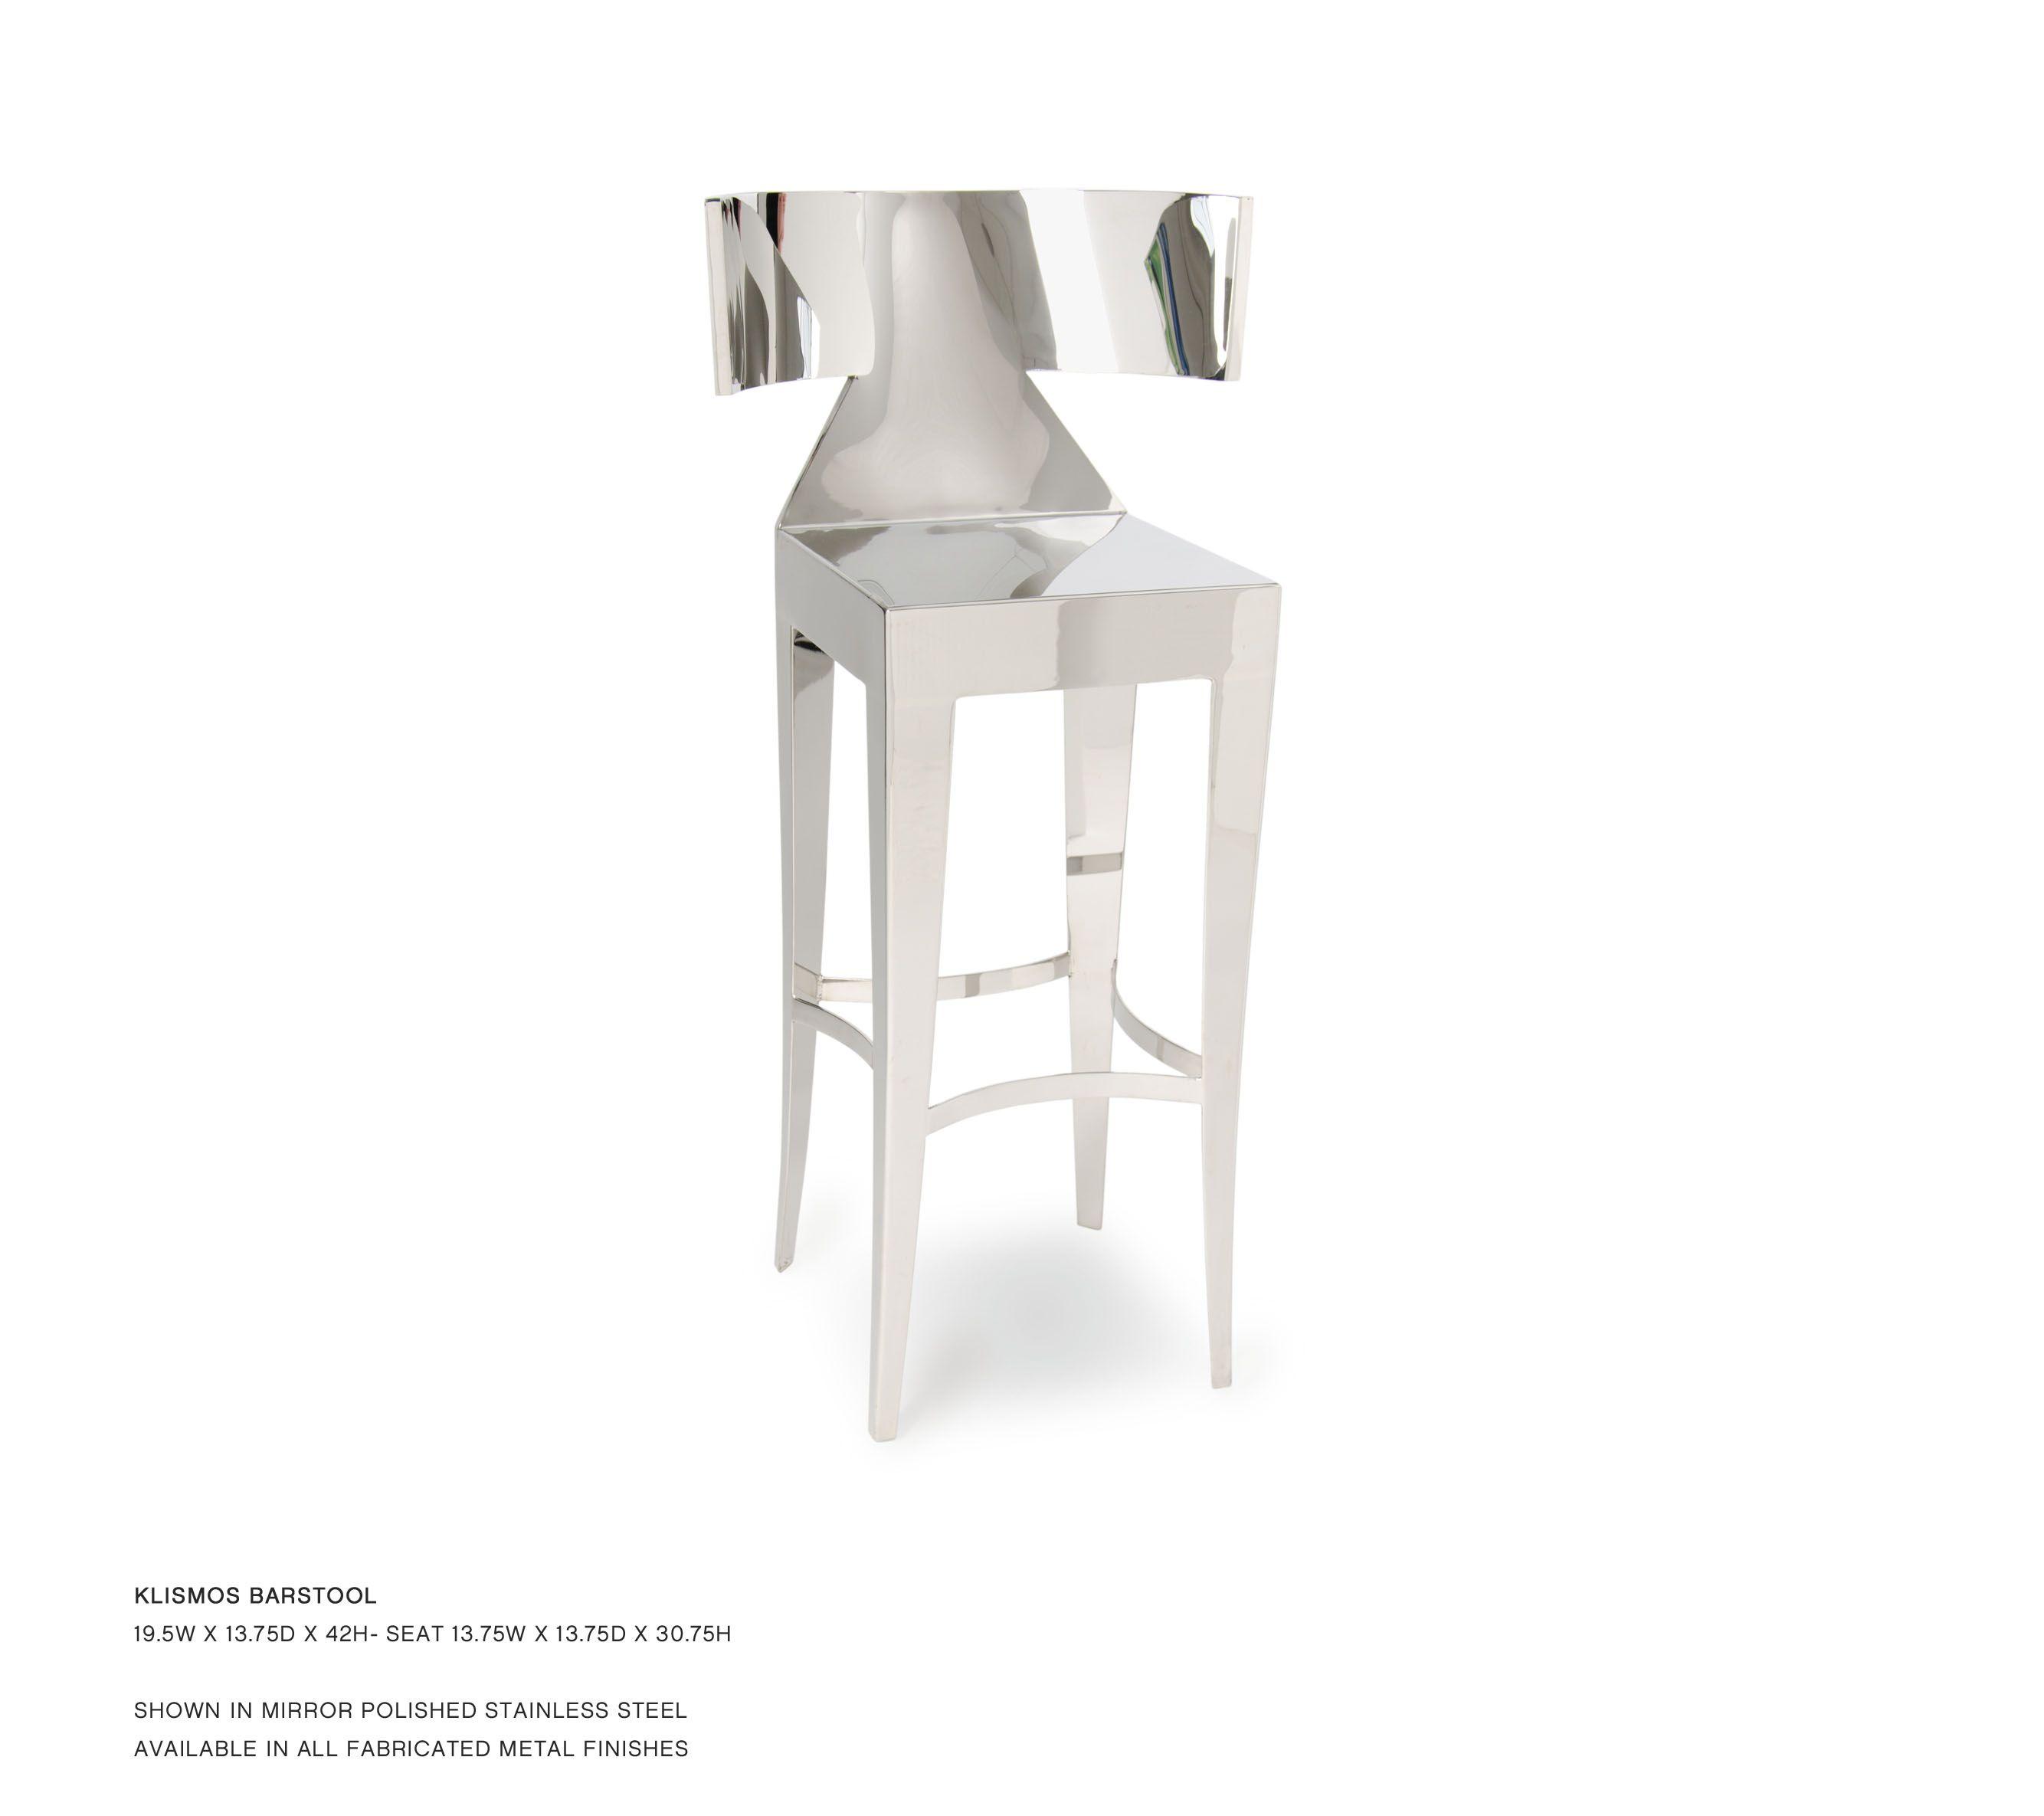 Super John Lyle Design Klismos Barstool Bar Stools Funky Inzonedesignstudio Interior Chair Design Inzonedesignstudiocom